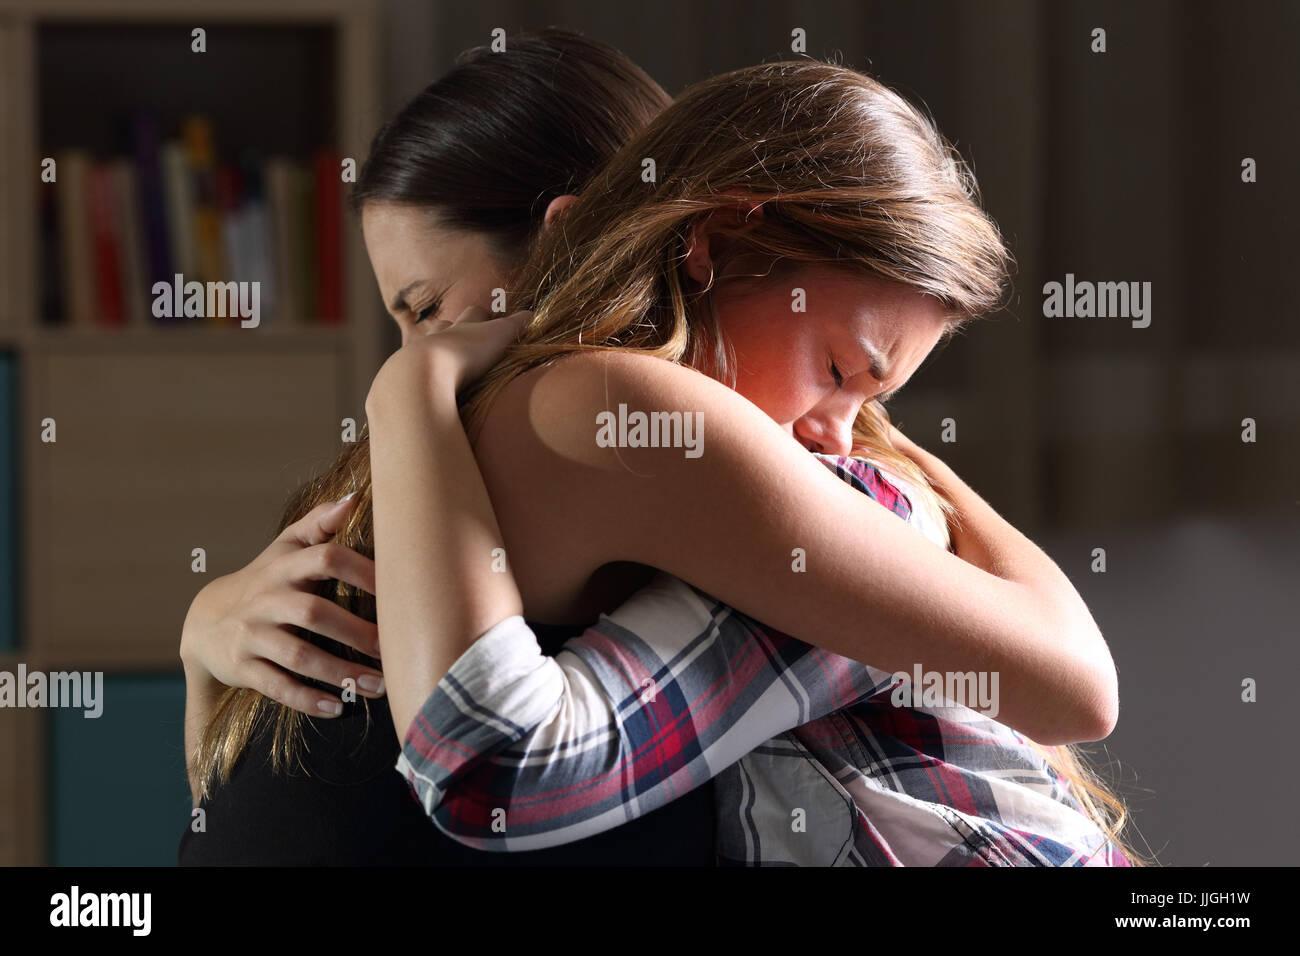 Vue latérale des deux bons amis triste englobant dans une chambre à coucher dans une maison intérieur Photo Stock